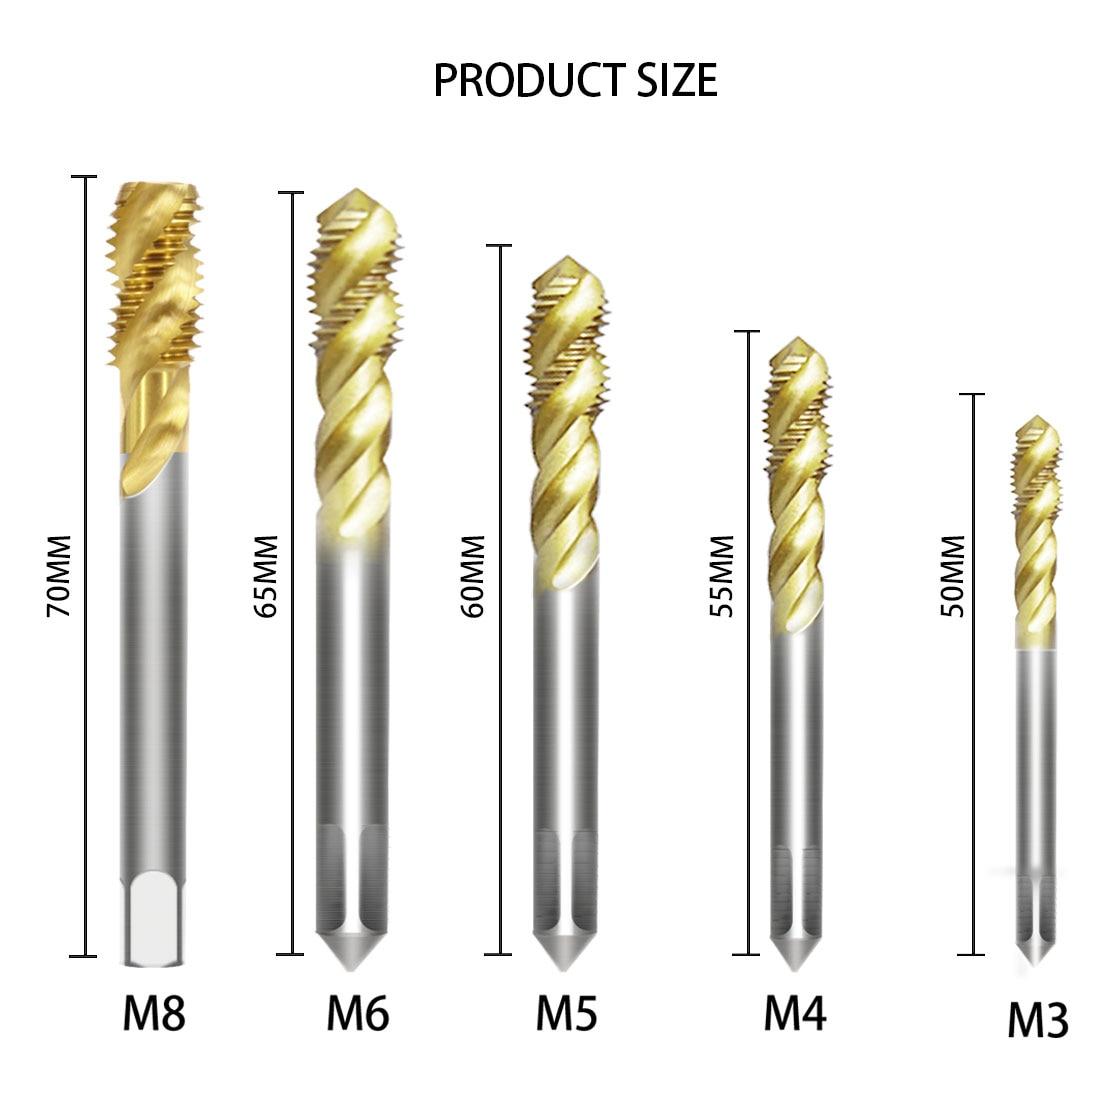 M3 M4 M5 M6 M8 5pcs HSS Spiral Flute Tap Drill Bit Machine Tapping Tool for Wood Metal Metric Thread Tap Set Plastic